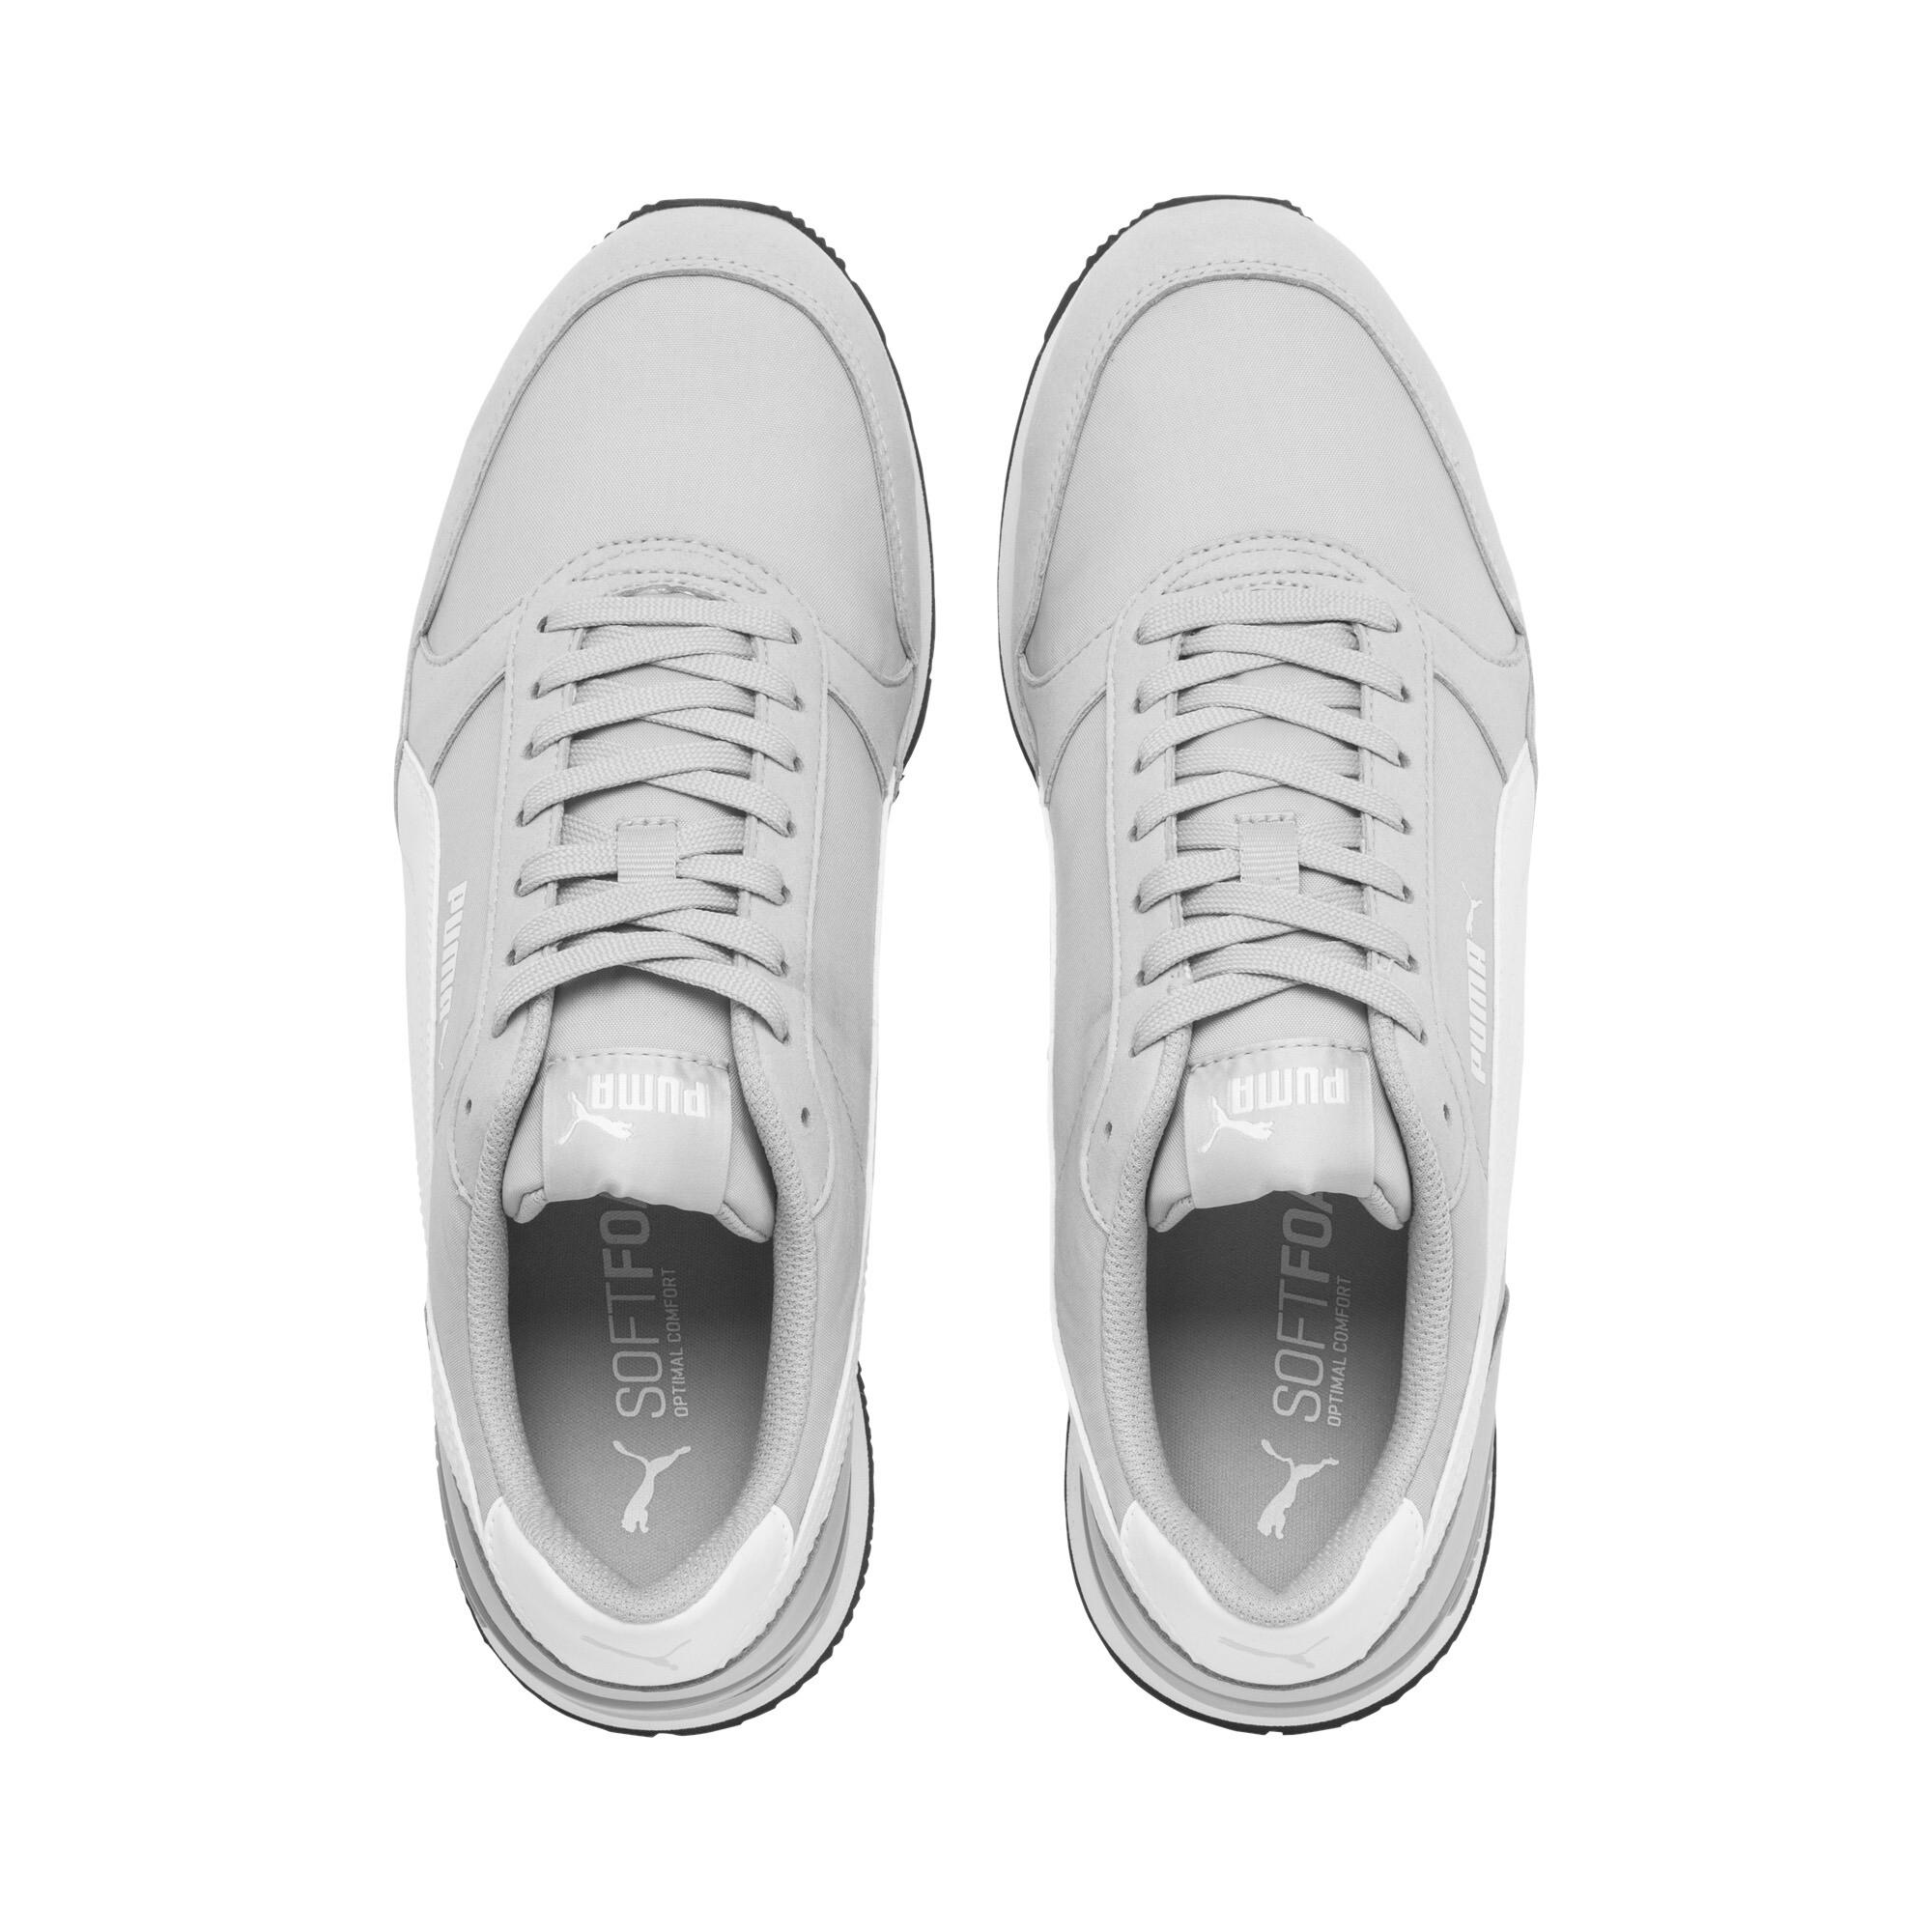 Puma-ST-Runner-v2-Para-hombre-Zapatos-para-hombre-Basics miniatura 15